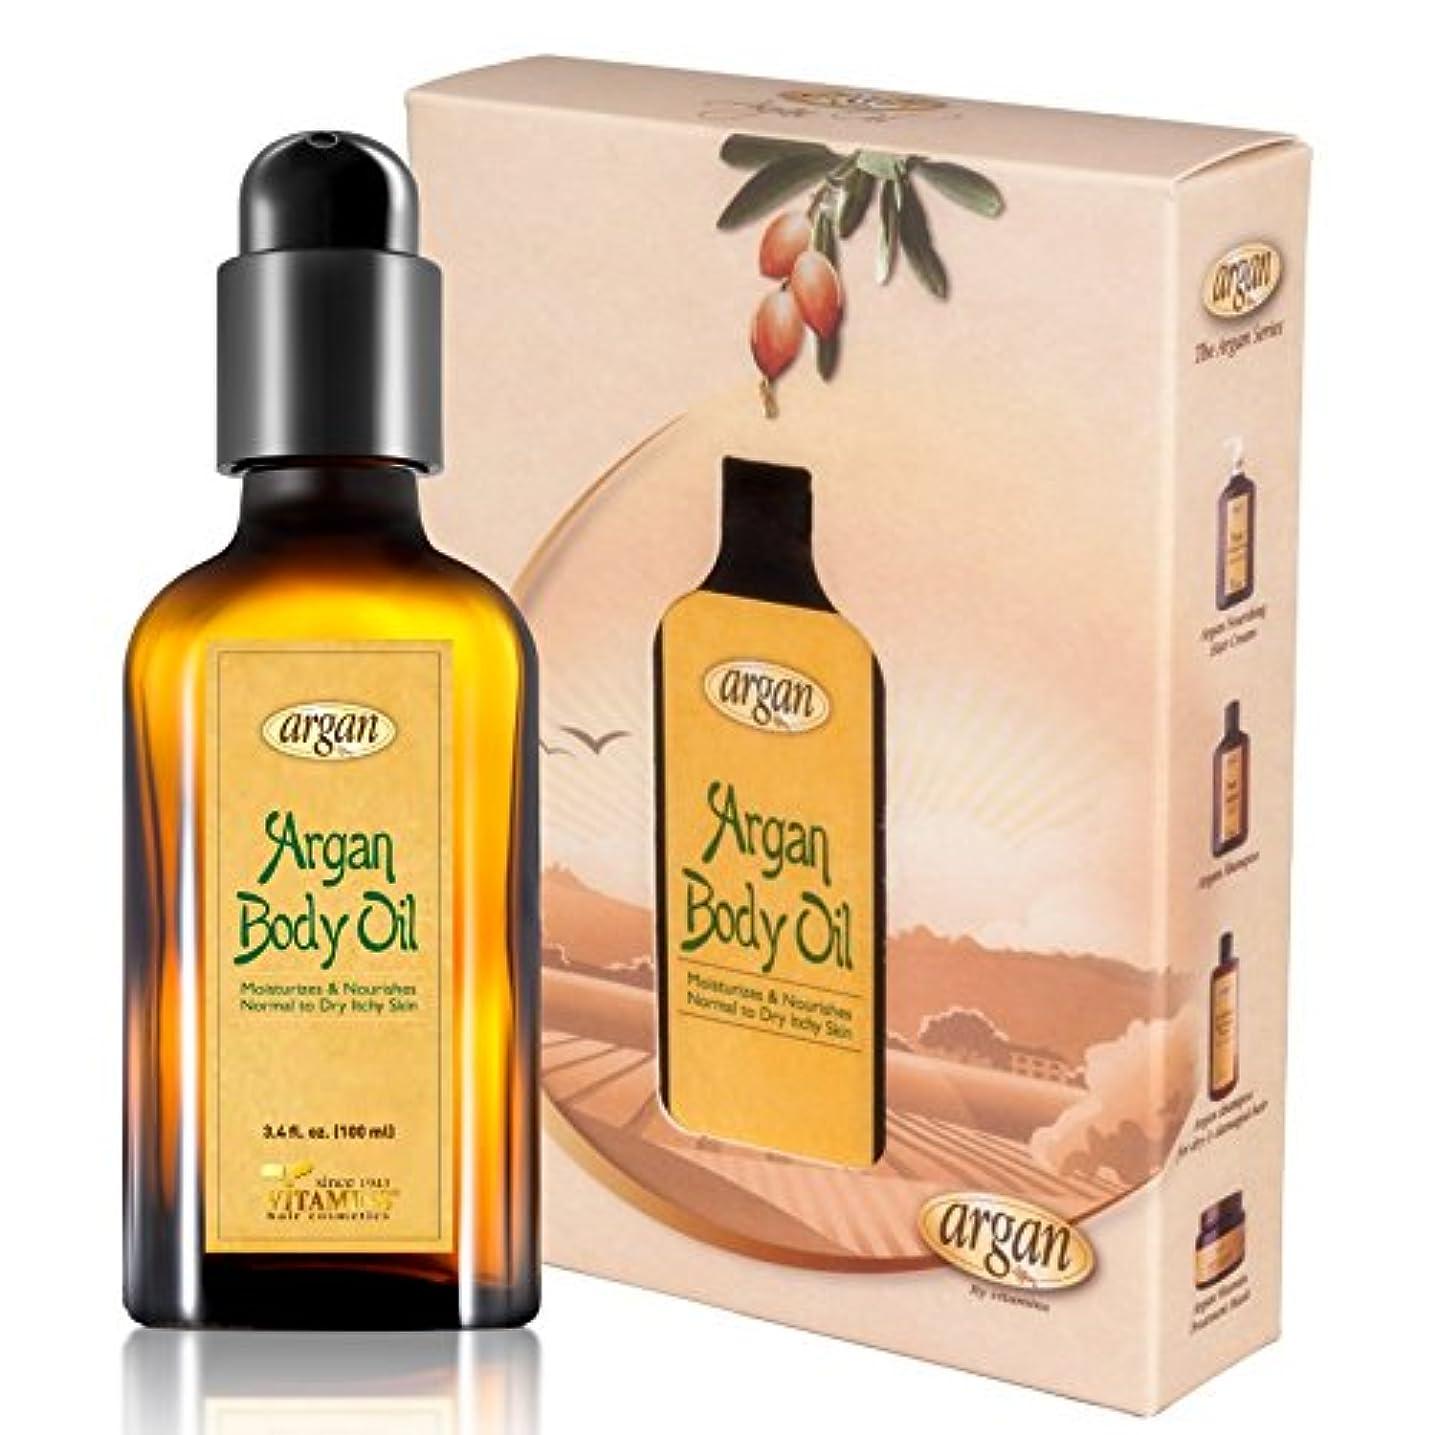 ブロック忘れる件名Argan Body Oil 3.4 fl.oz. 100 ml